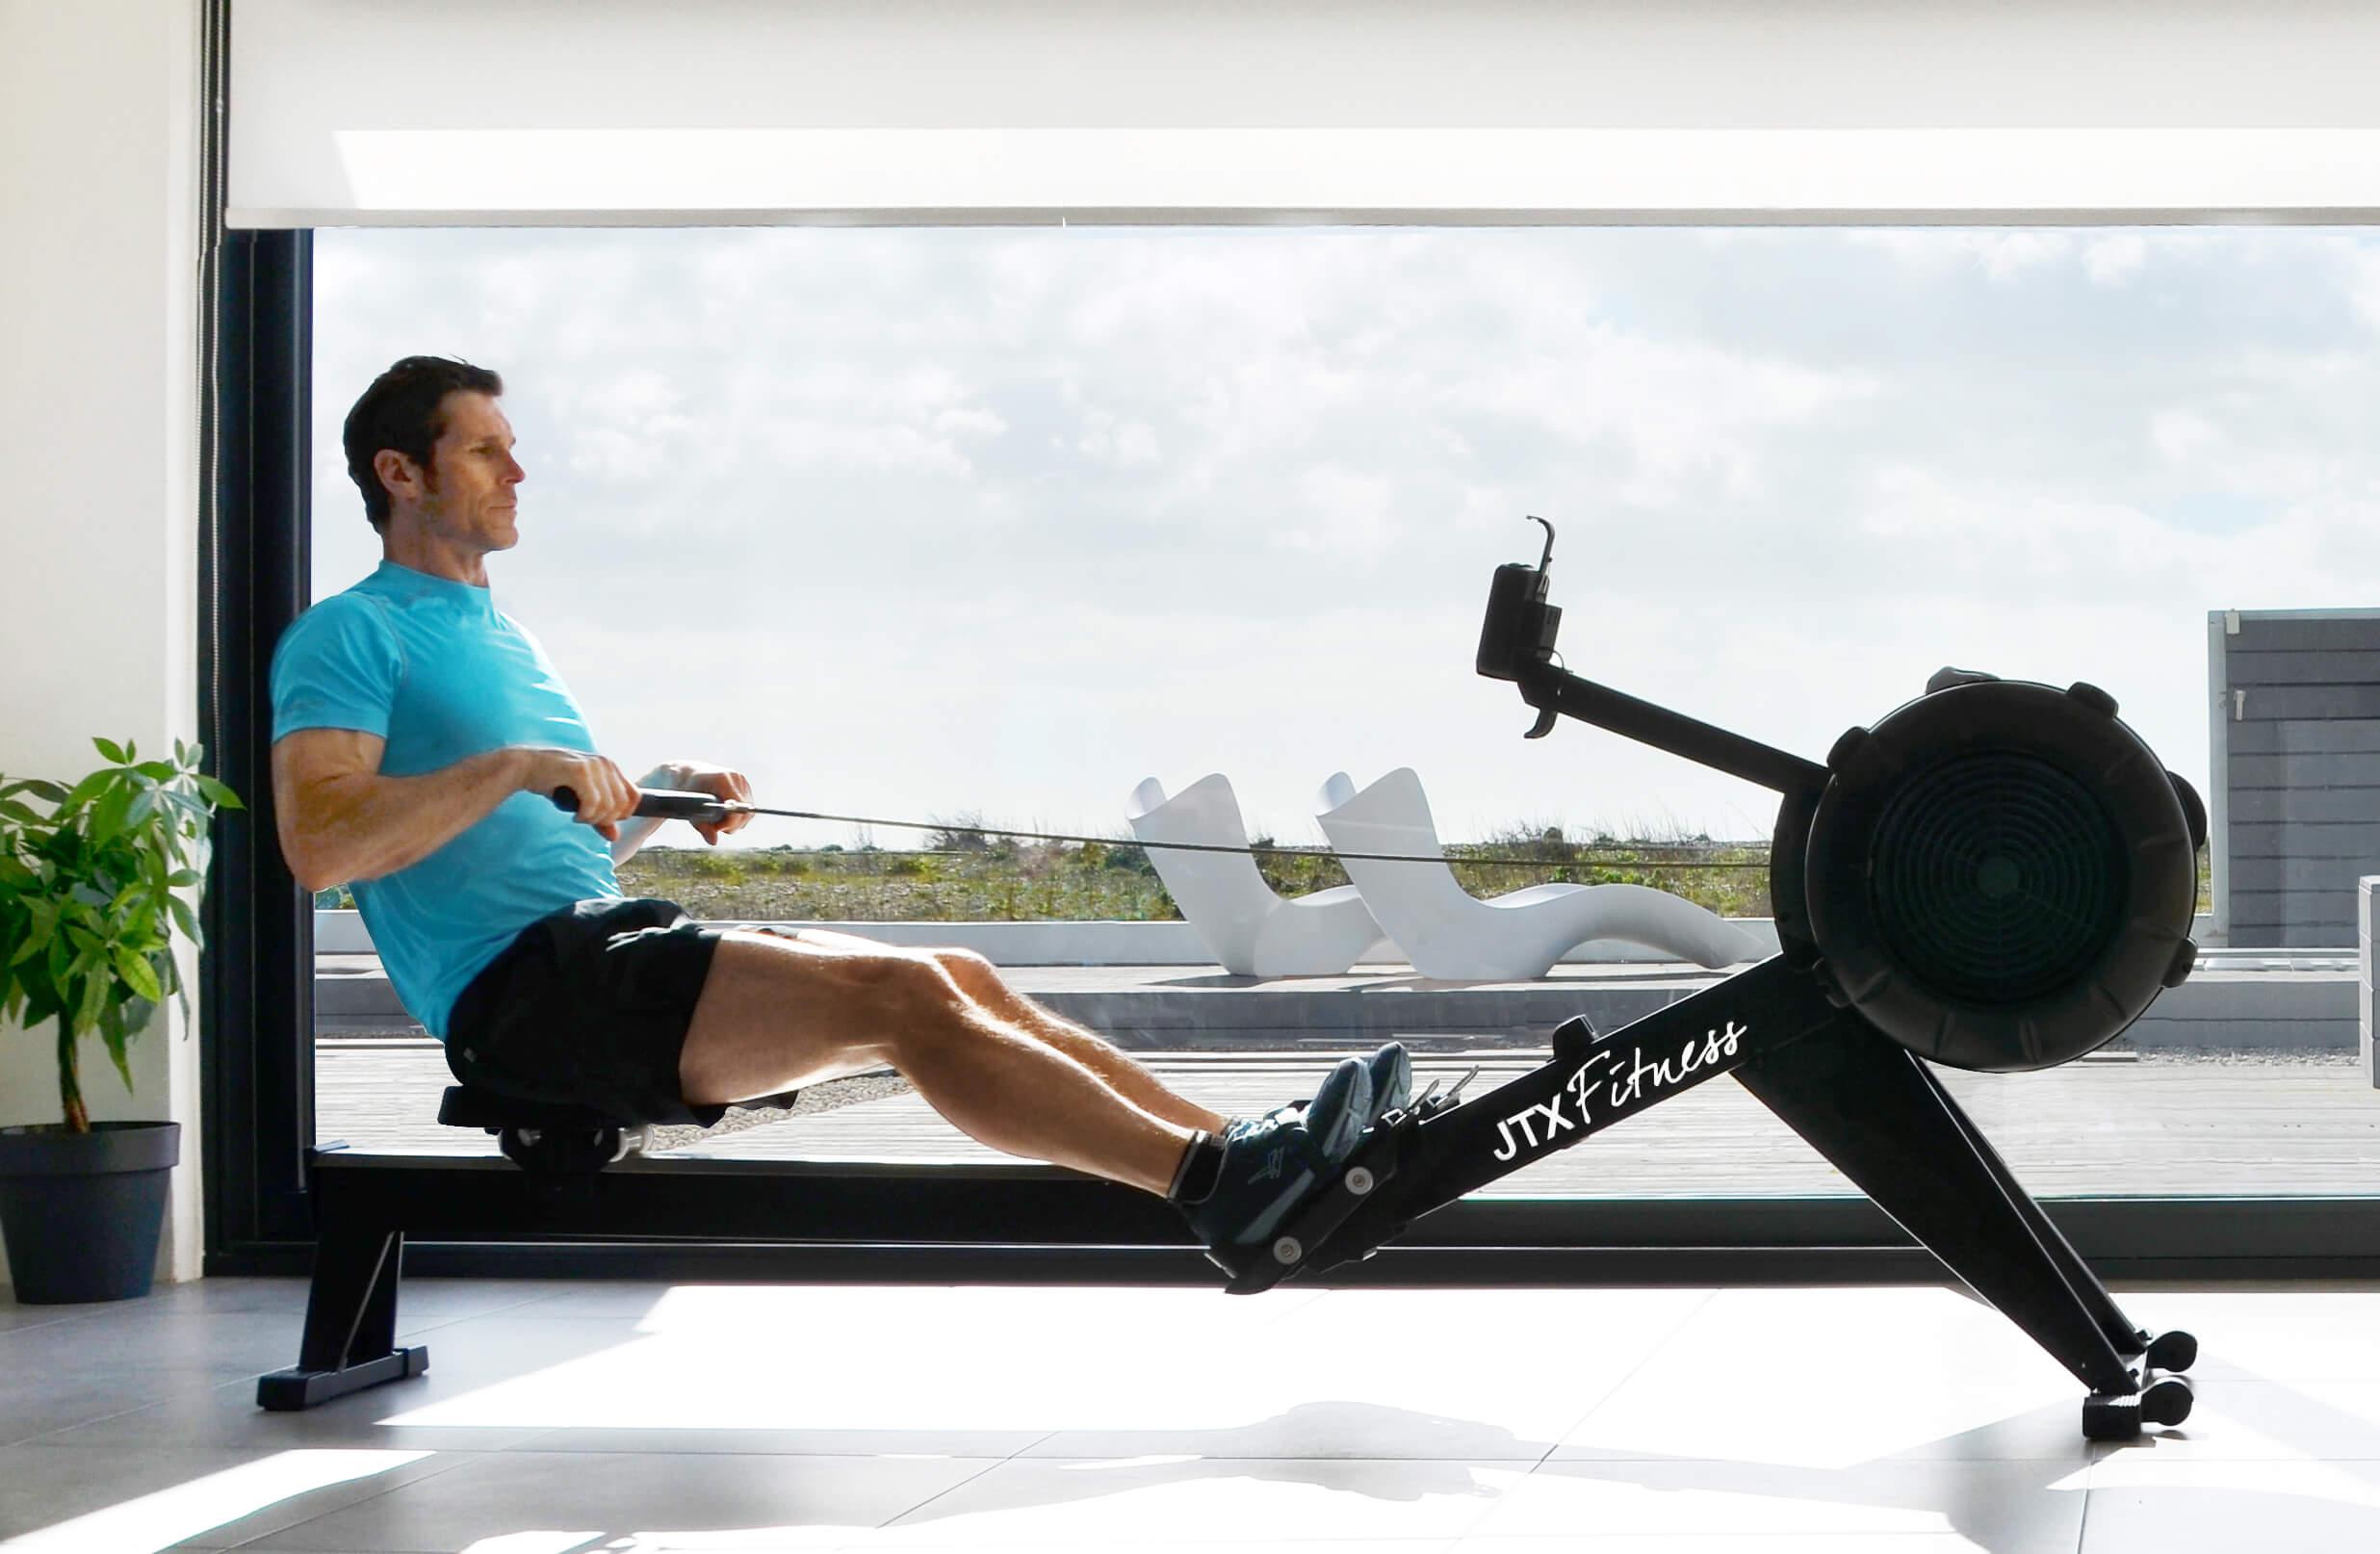 Buy Rowing Machines